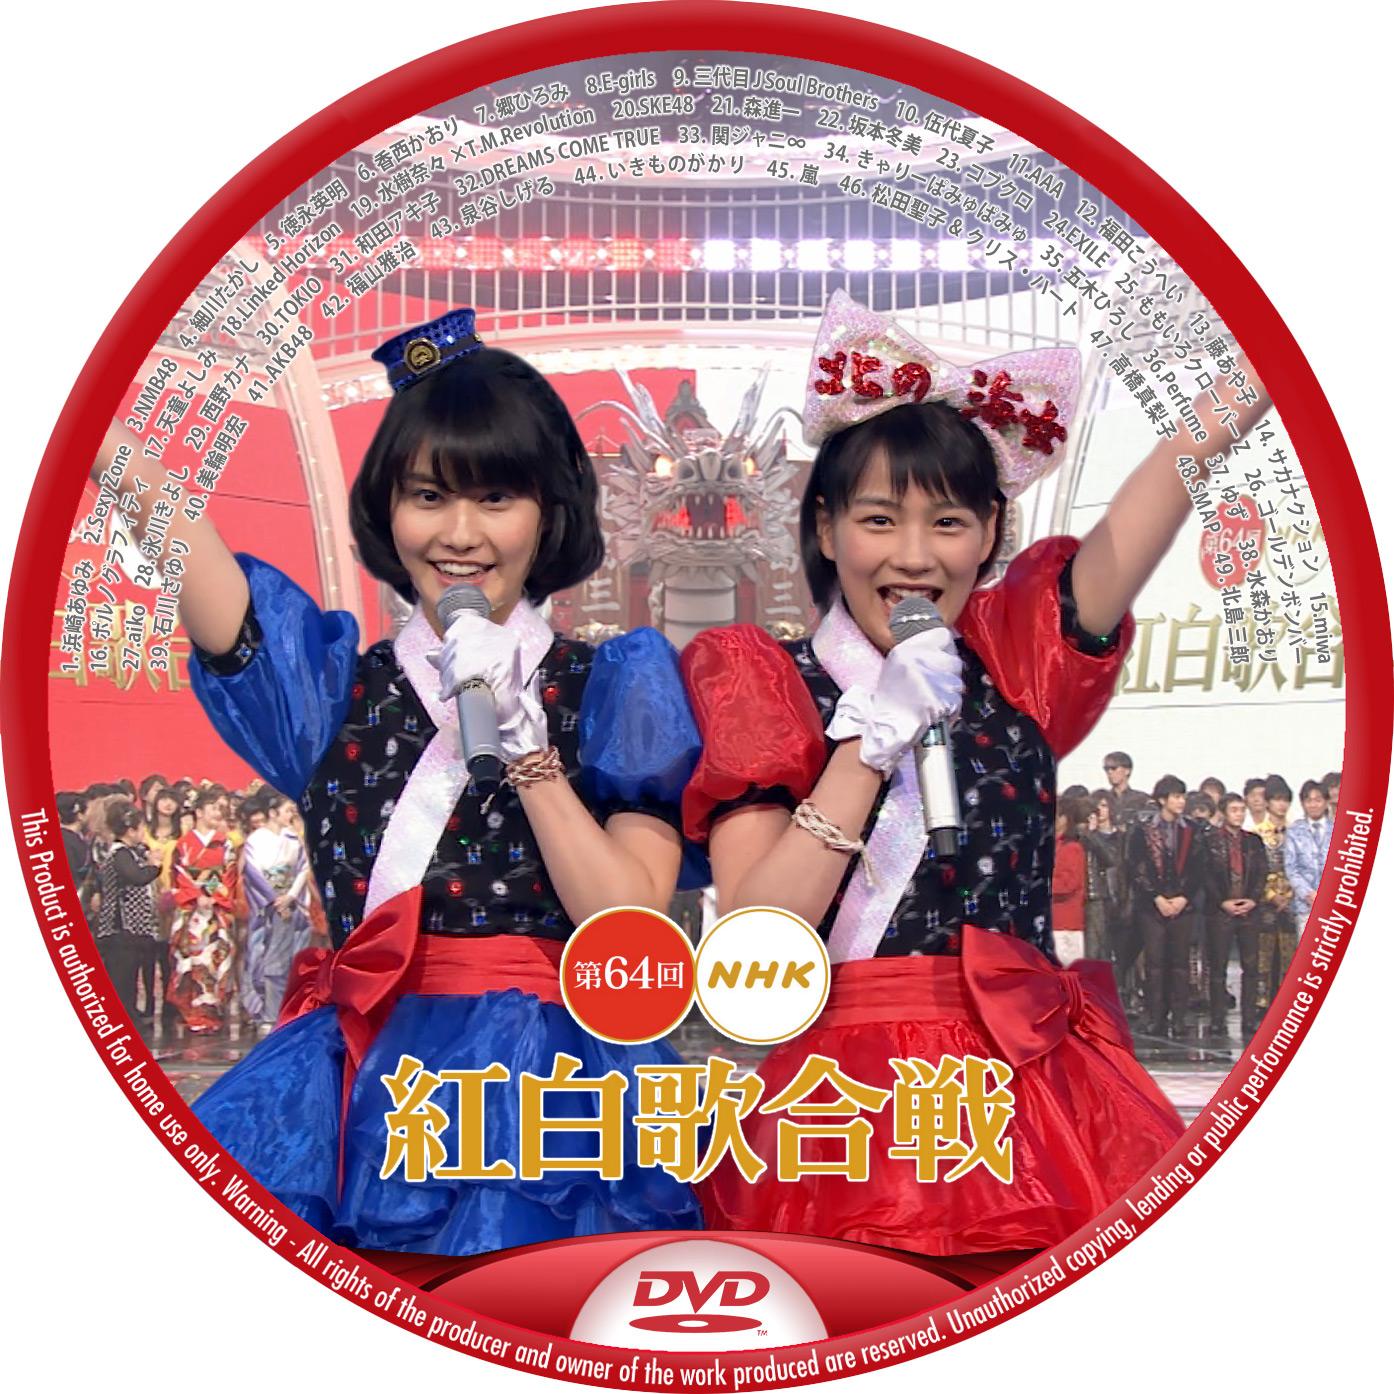 紅白歌合戦 あまちゃん DVDラベル